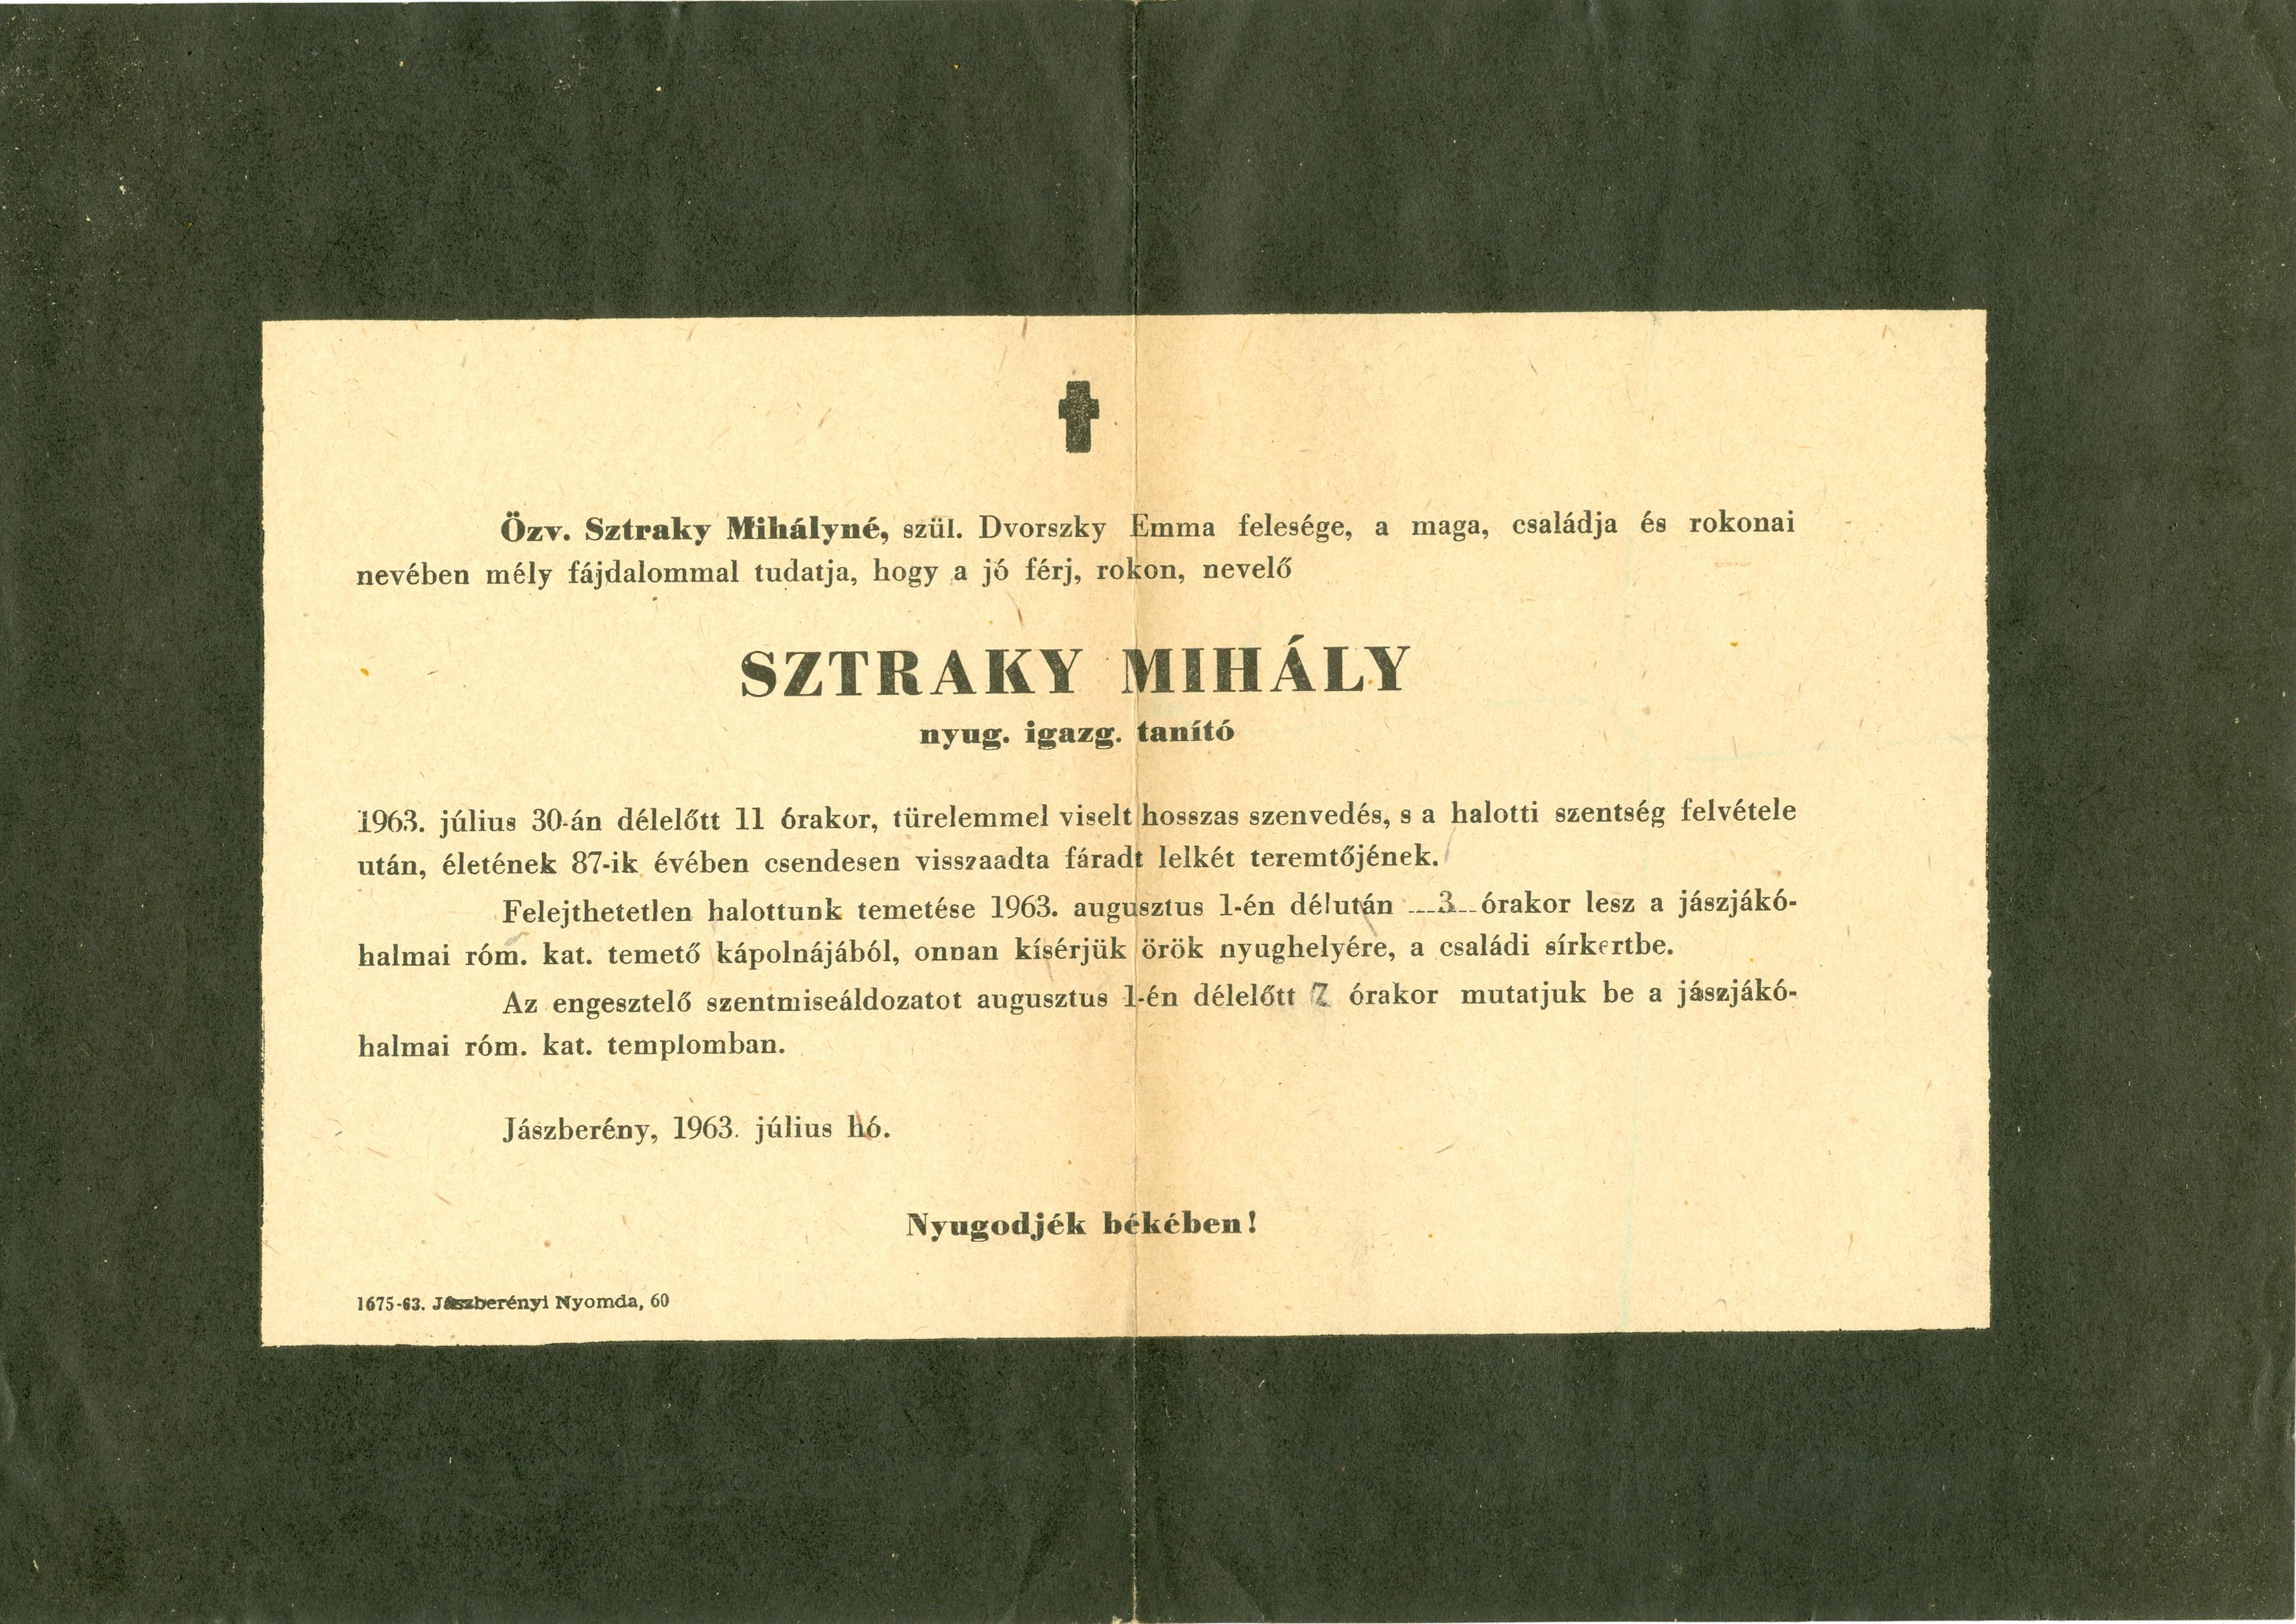 Sztraky Mihály